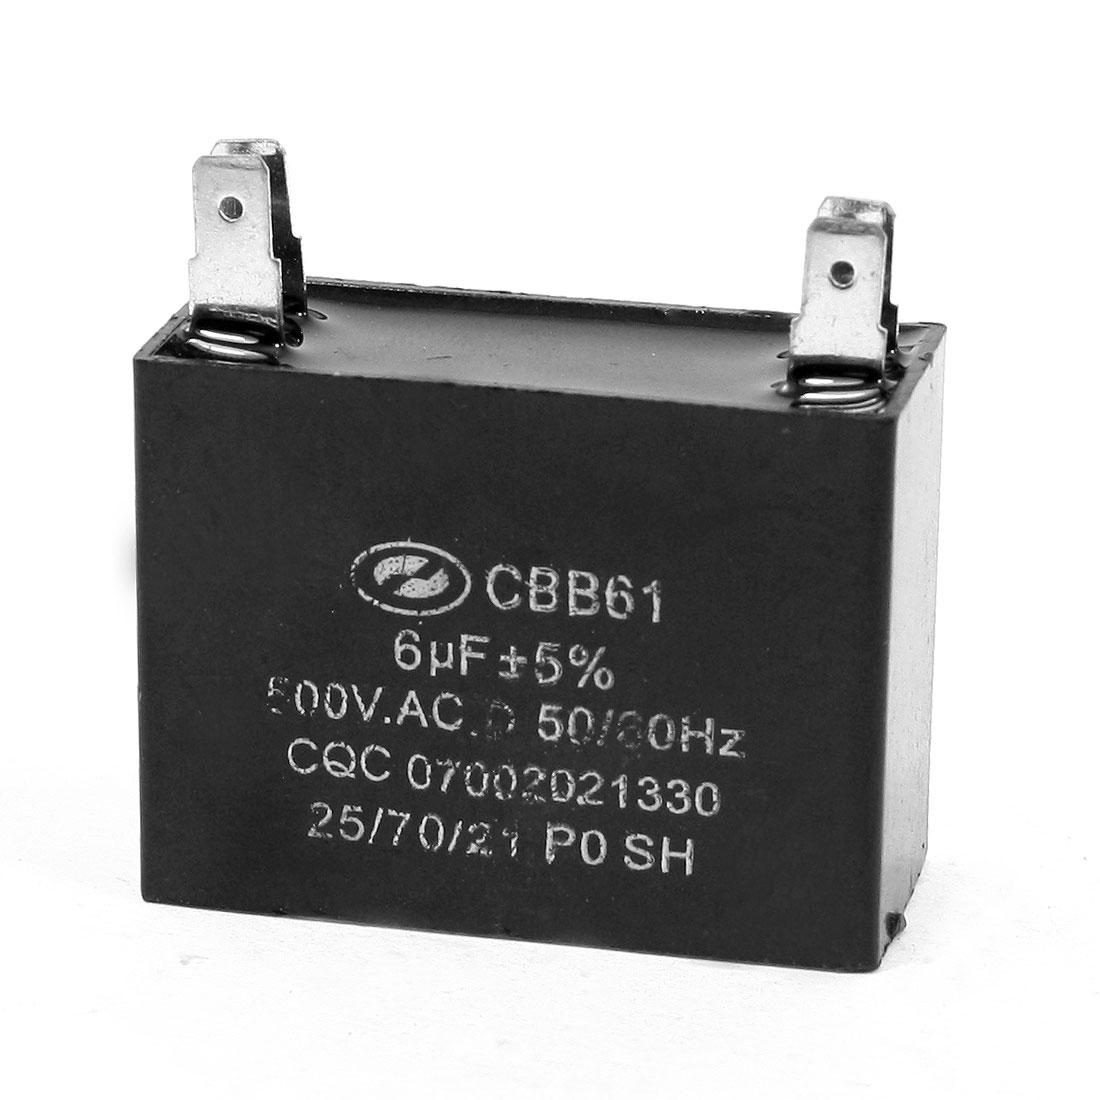 6uF 50/60Hz DIP 4 Pins Motor Run Capacitor AC 500V